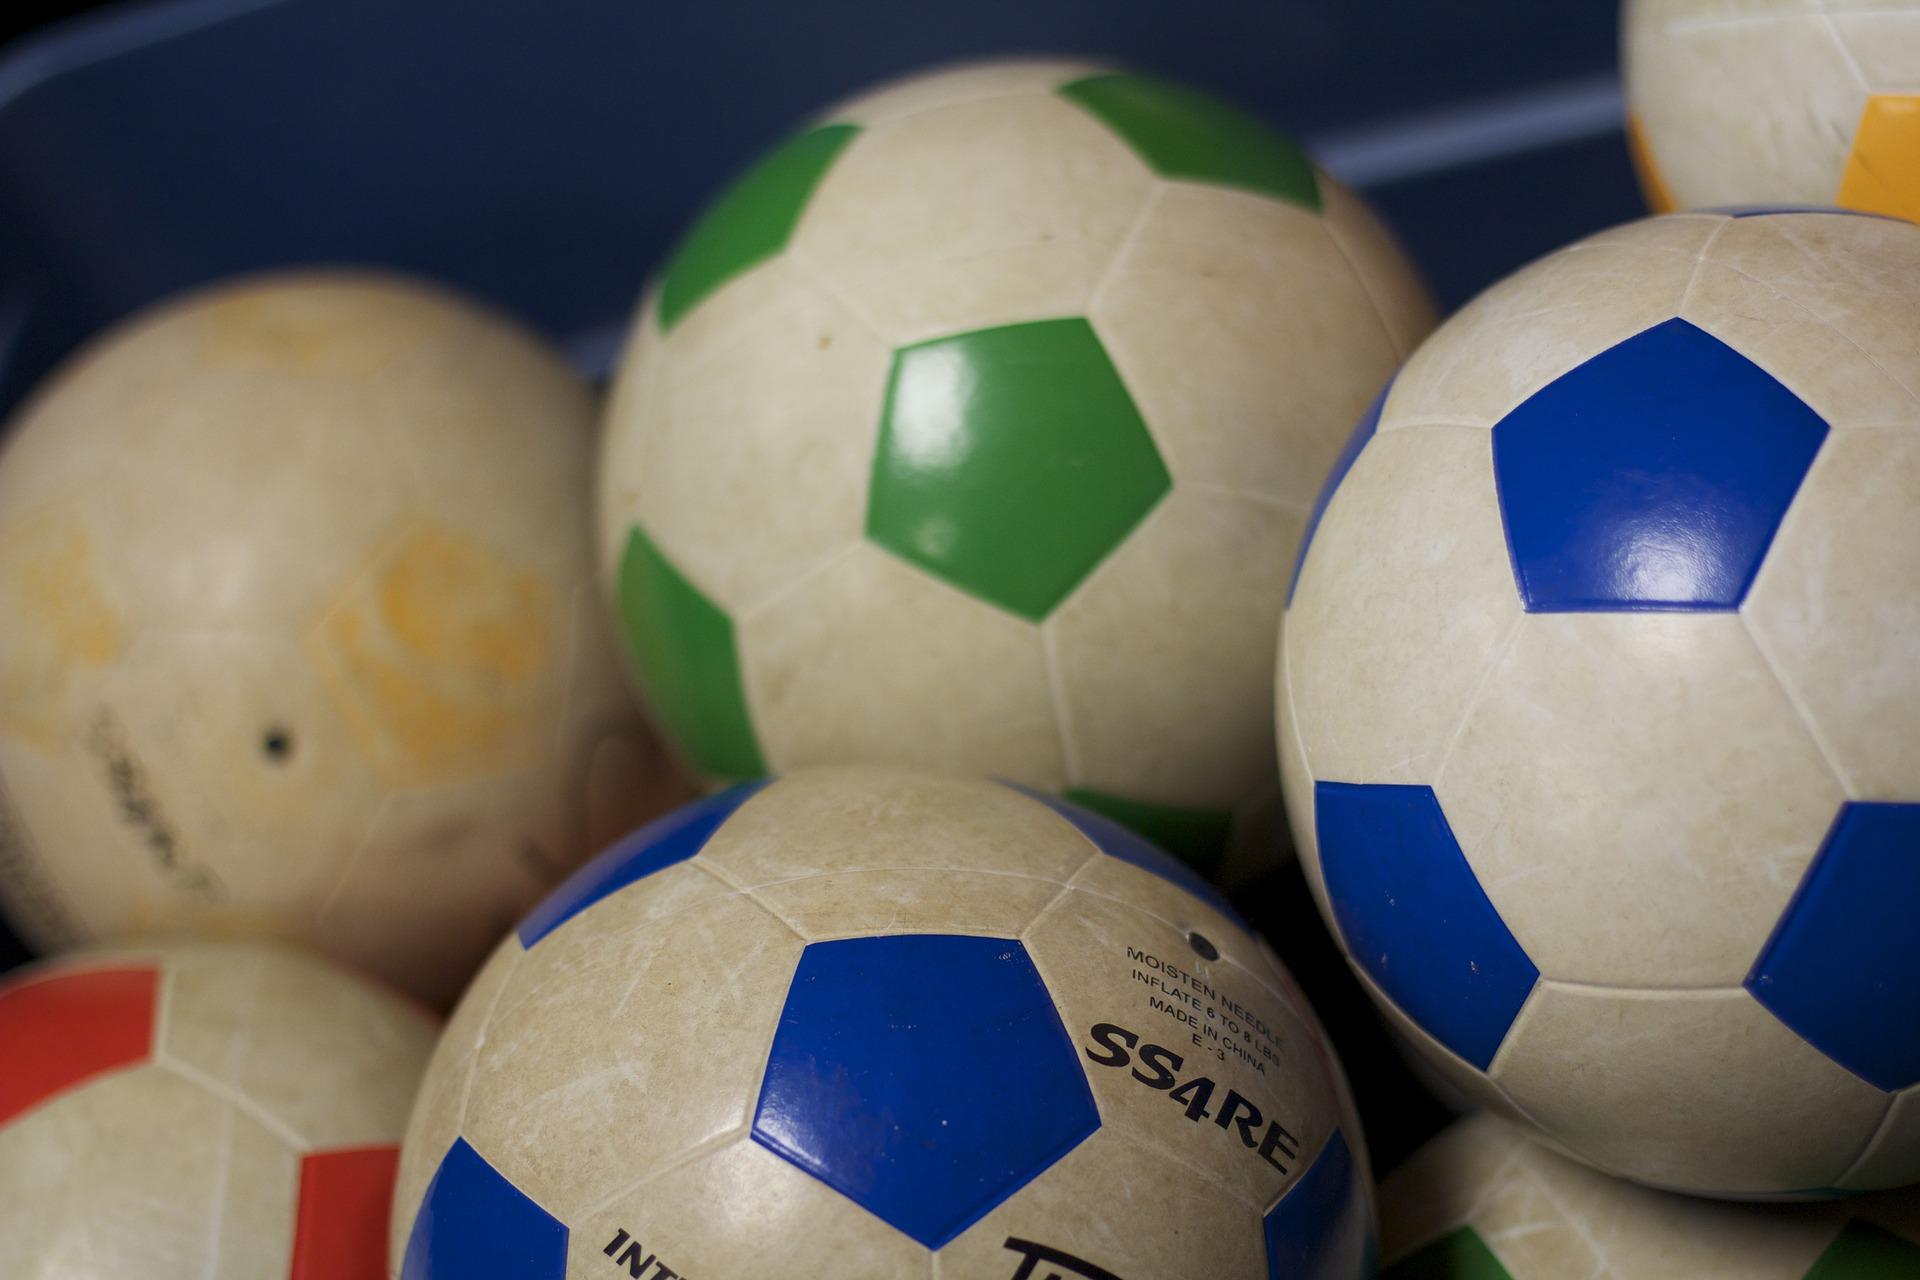 soccer-670058_1920.jpg